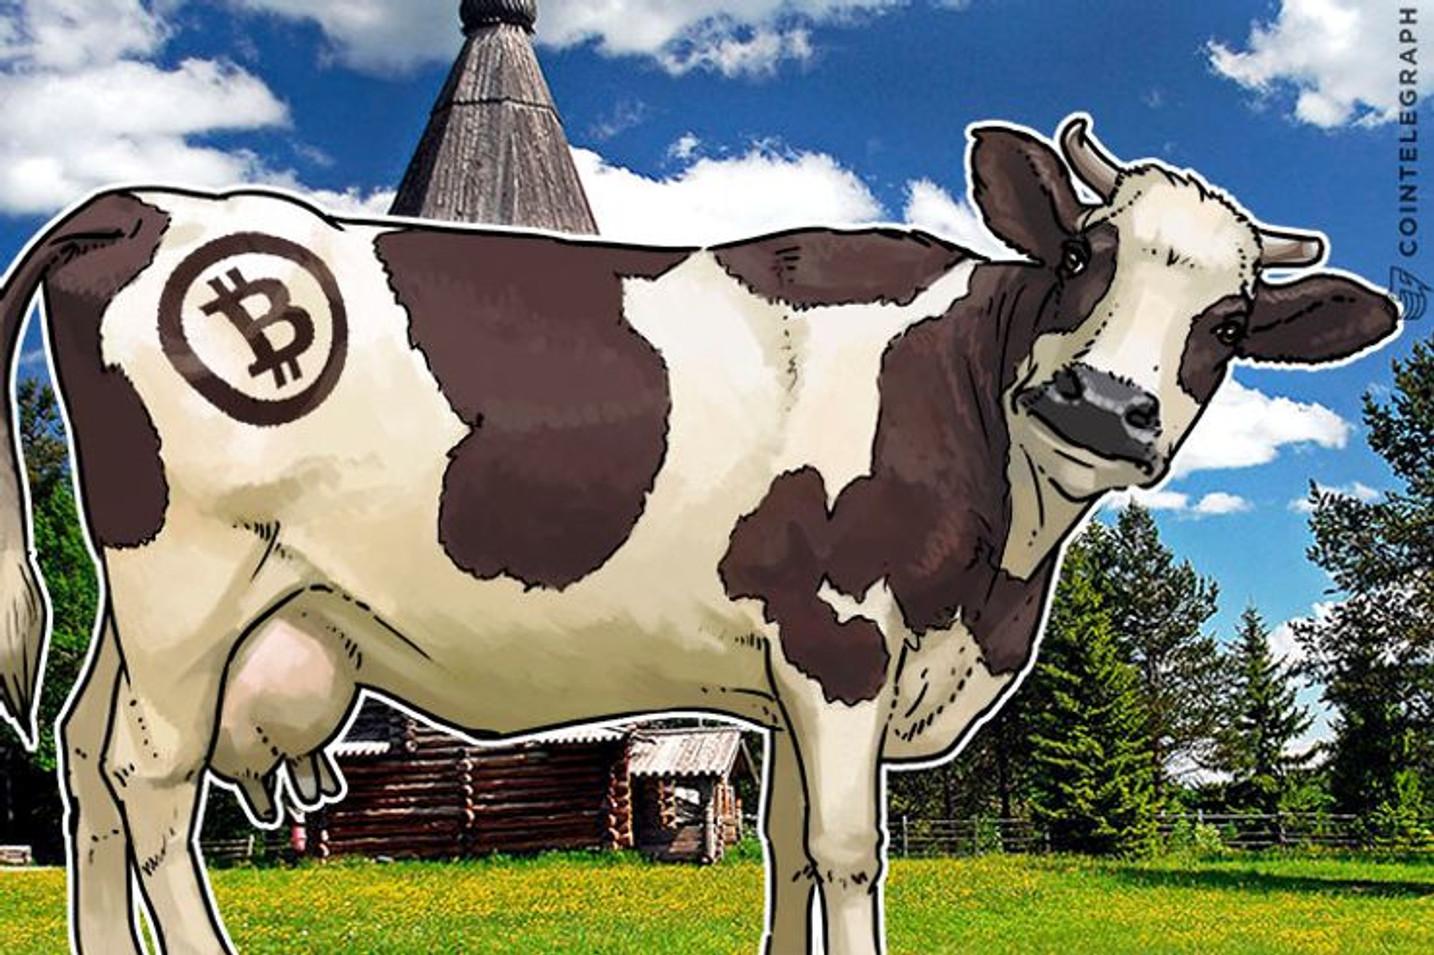 Carnes Validadas eligió a Koibanx para aplicar blockchain en la trazabilidad de la industria cárnica